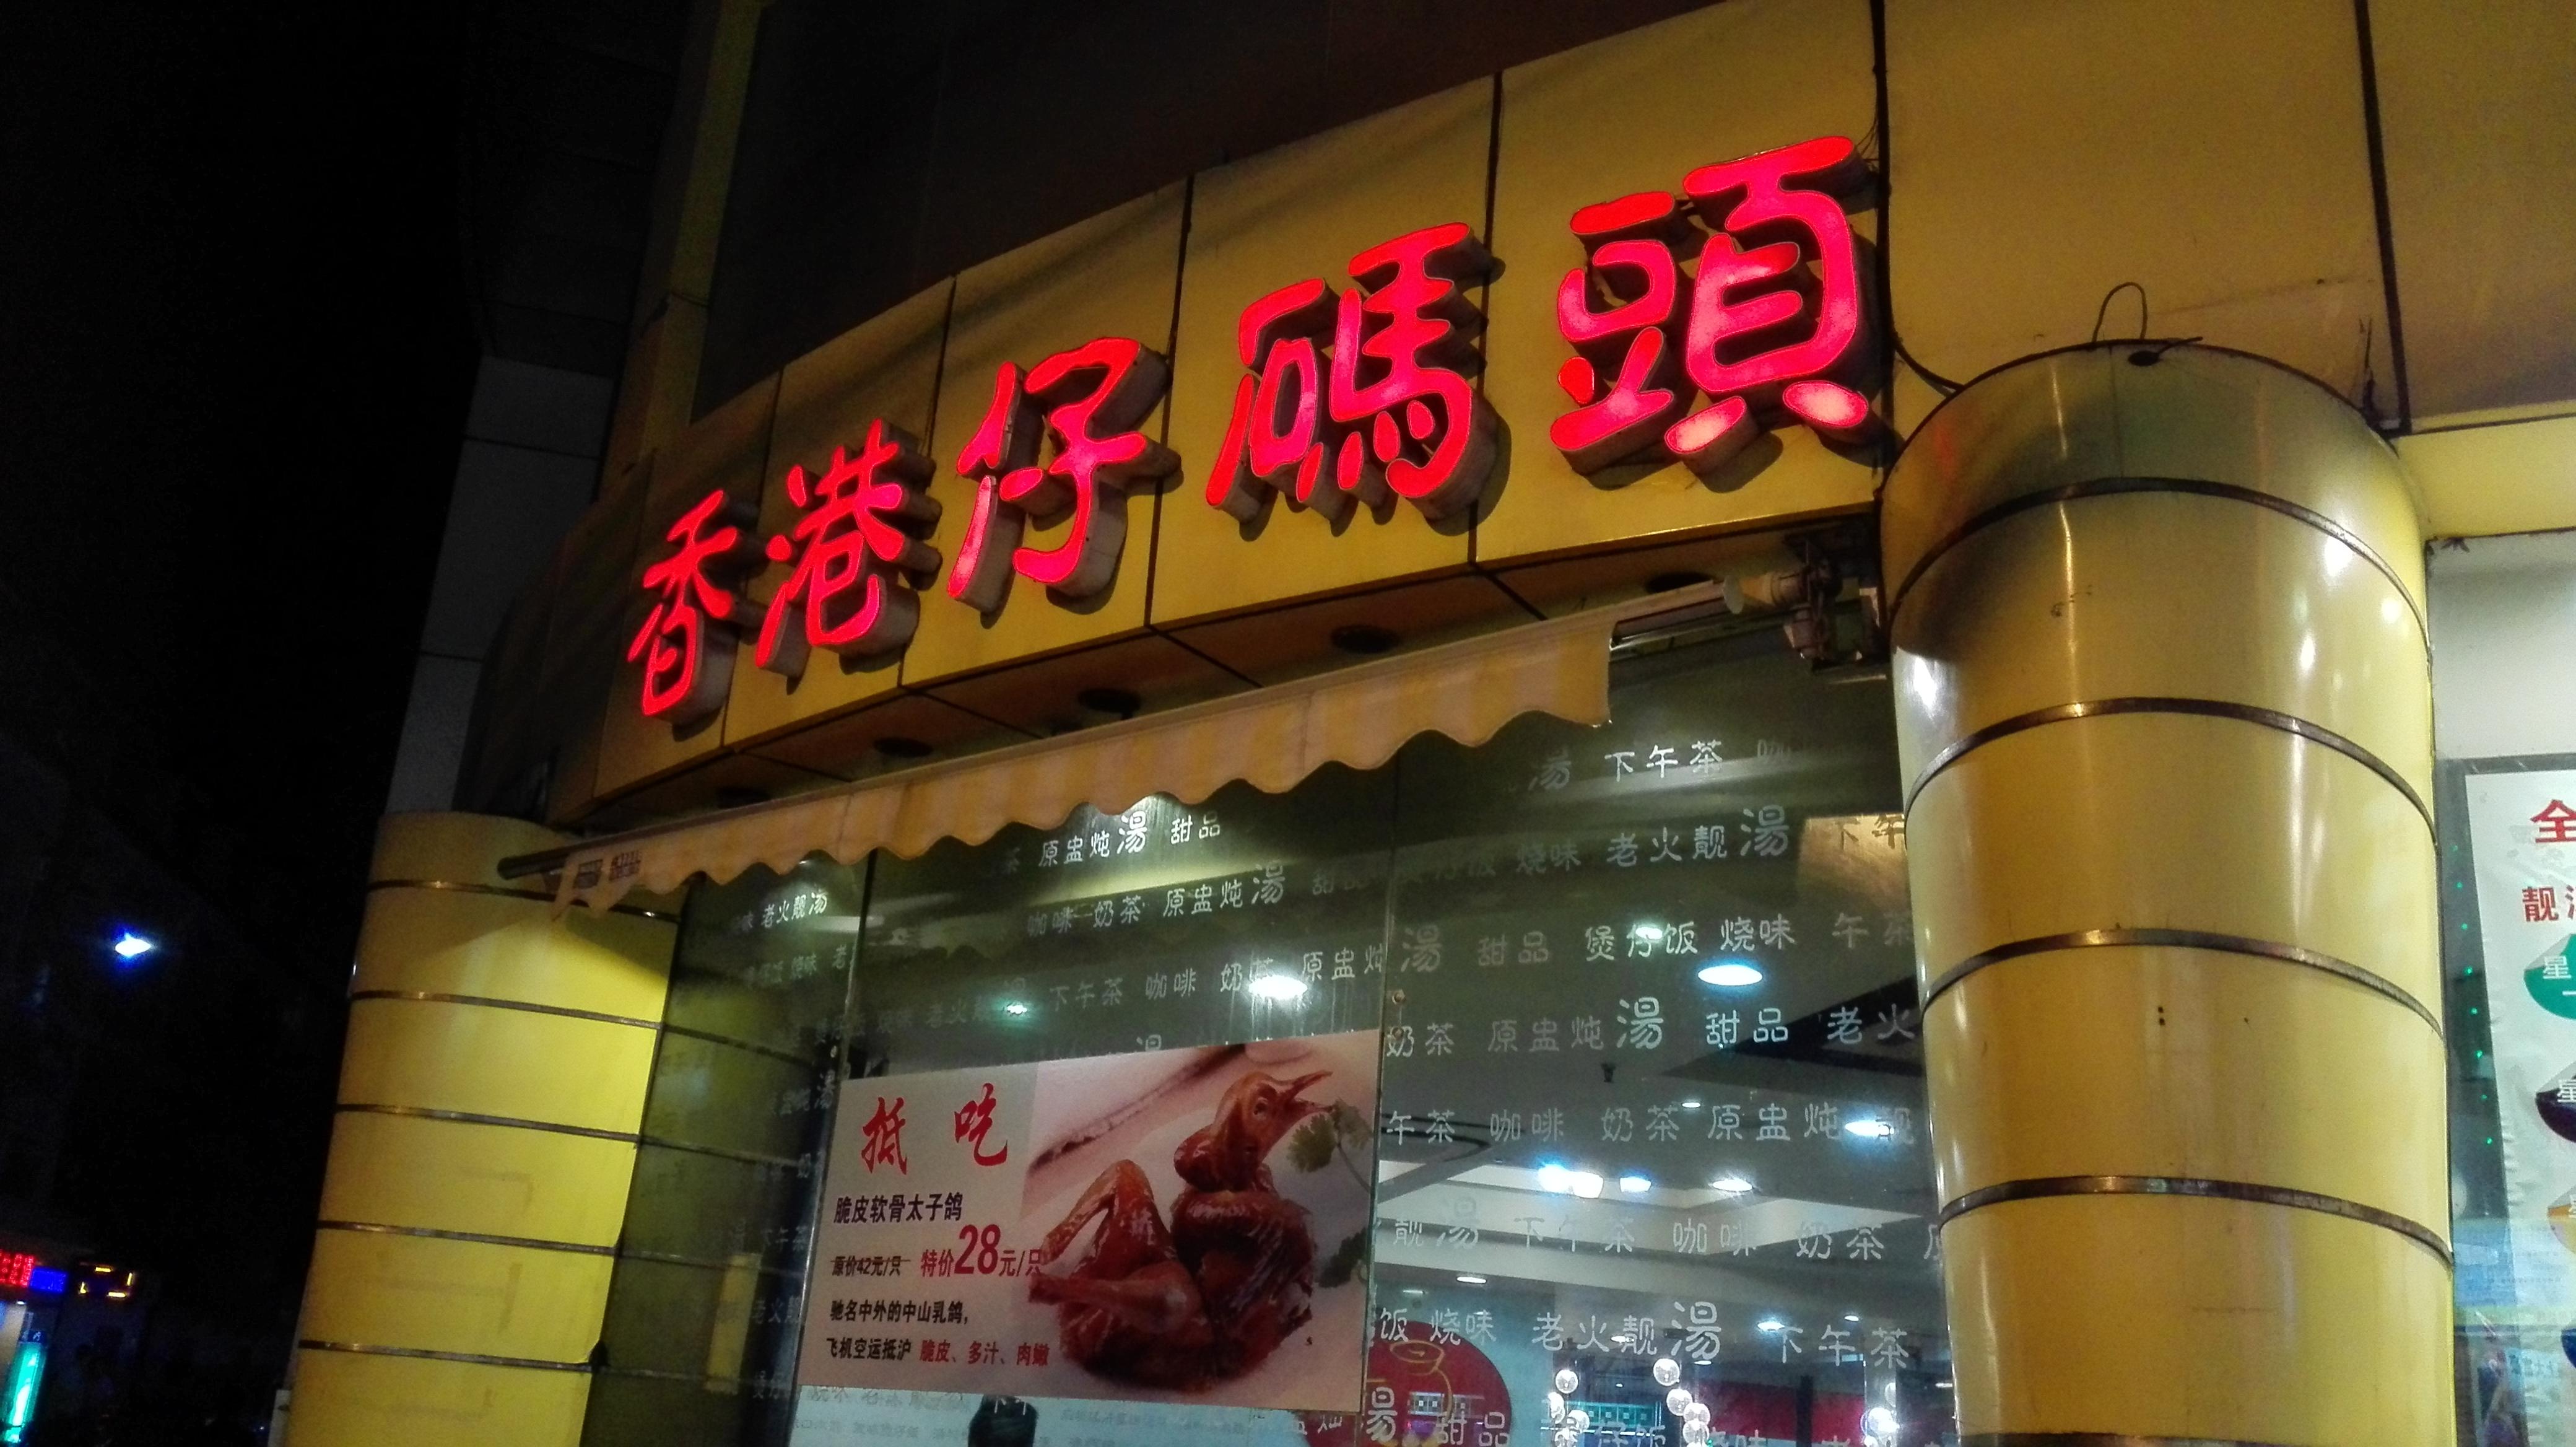 香港仔码头靓汤馆(黄河路店)